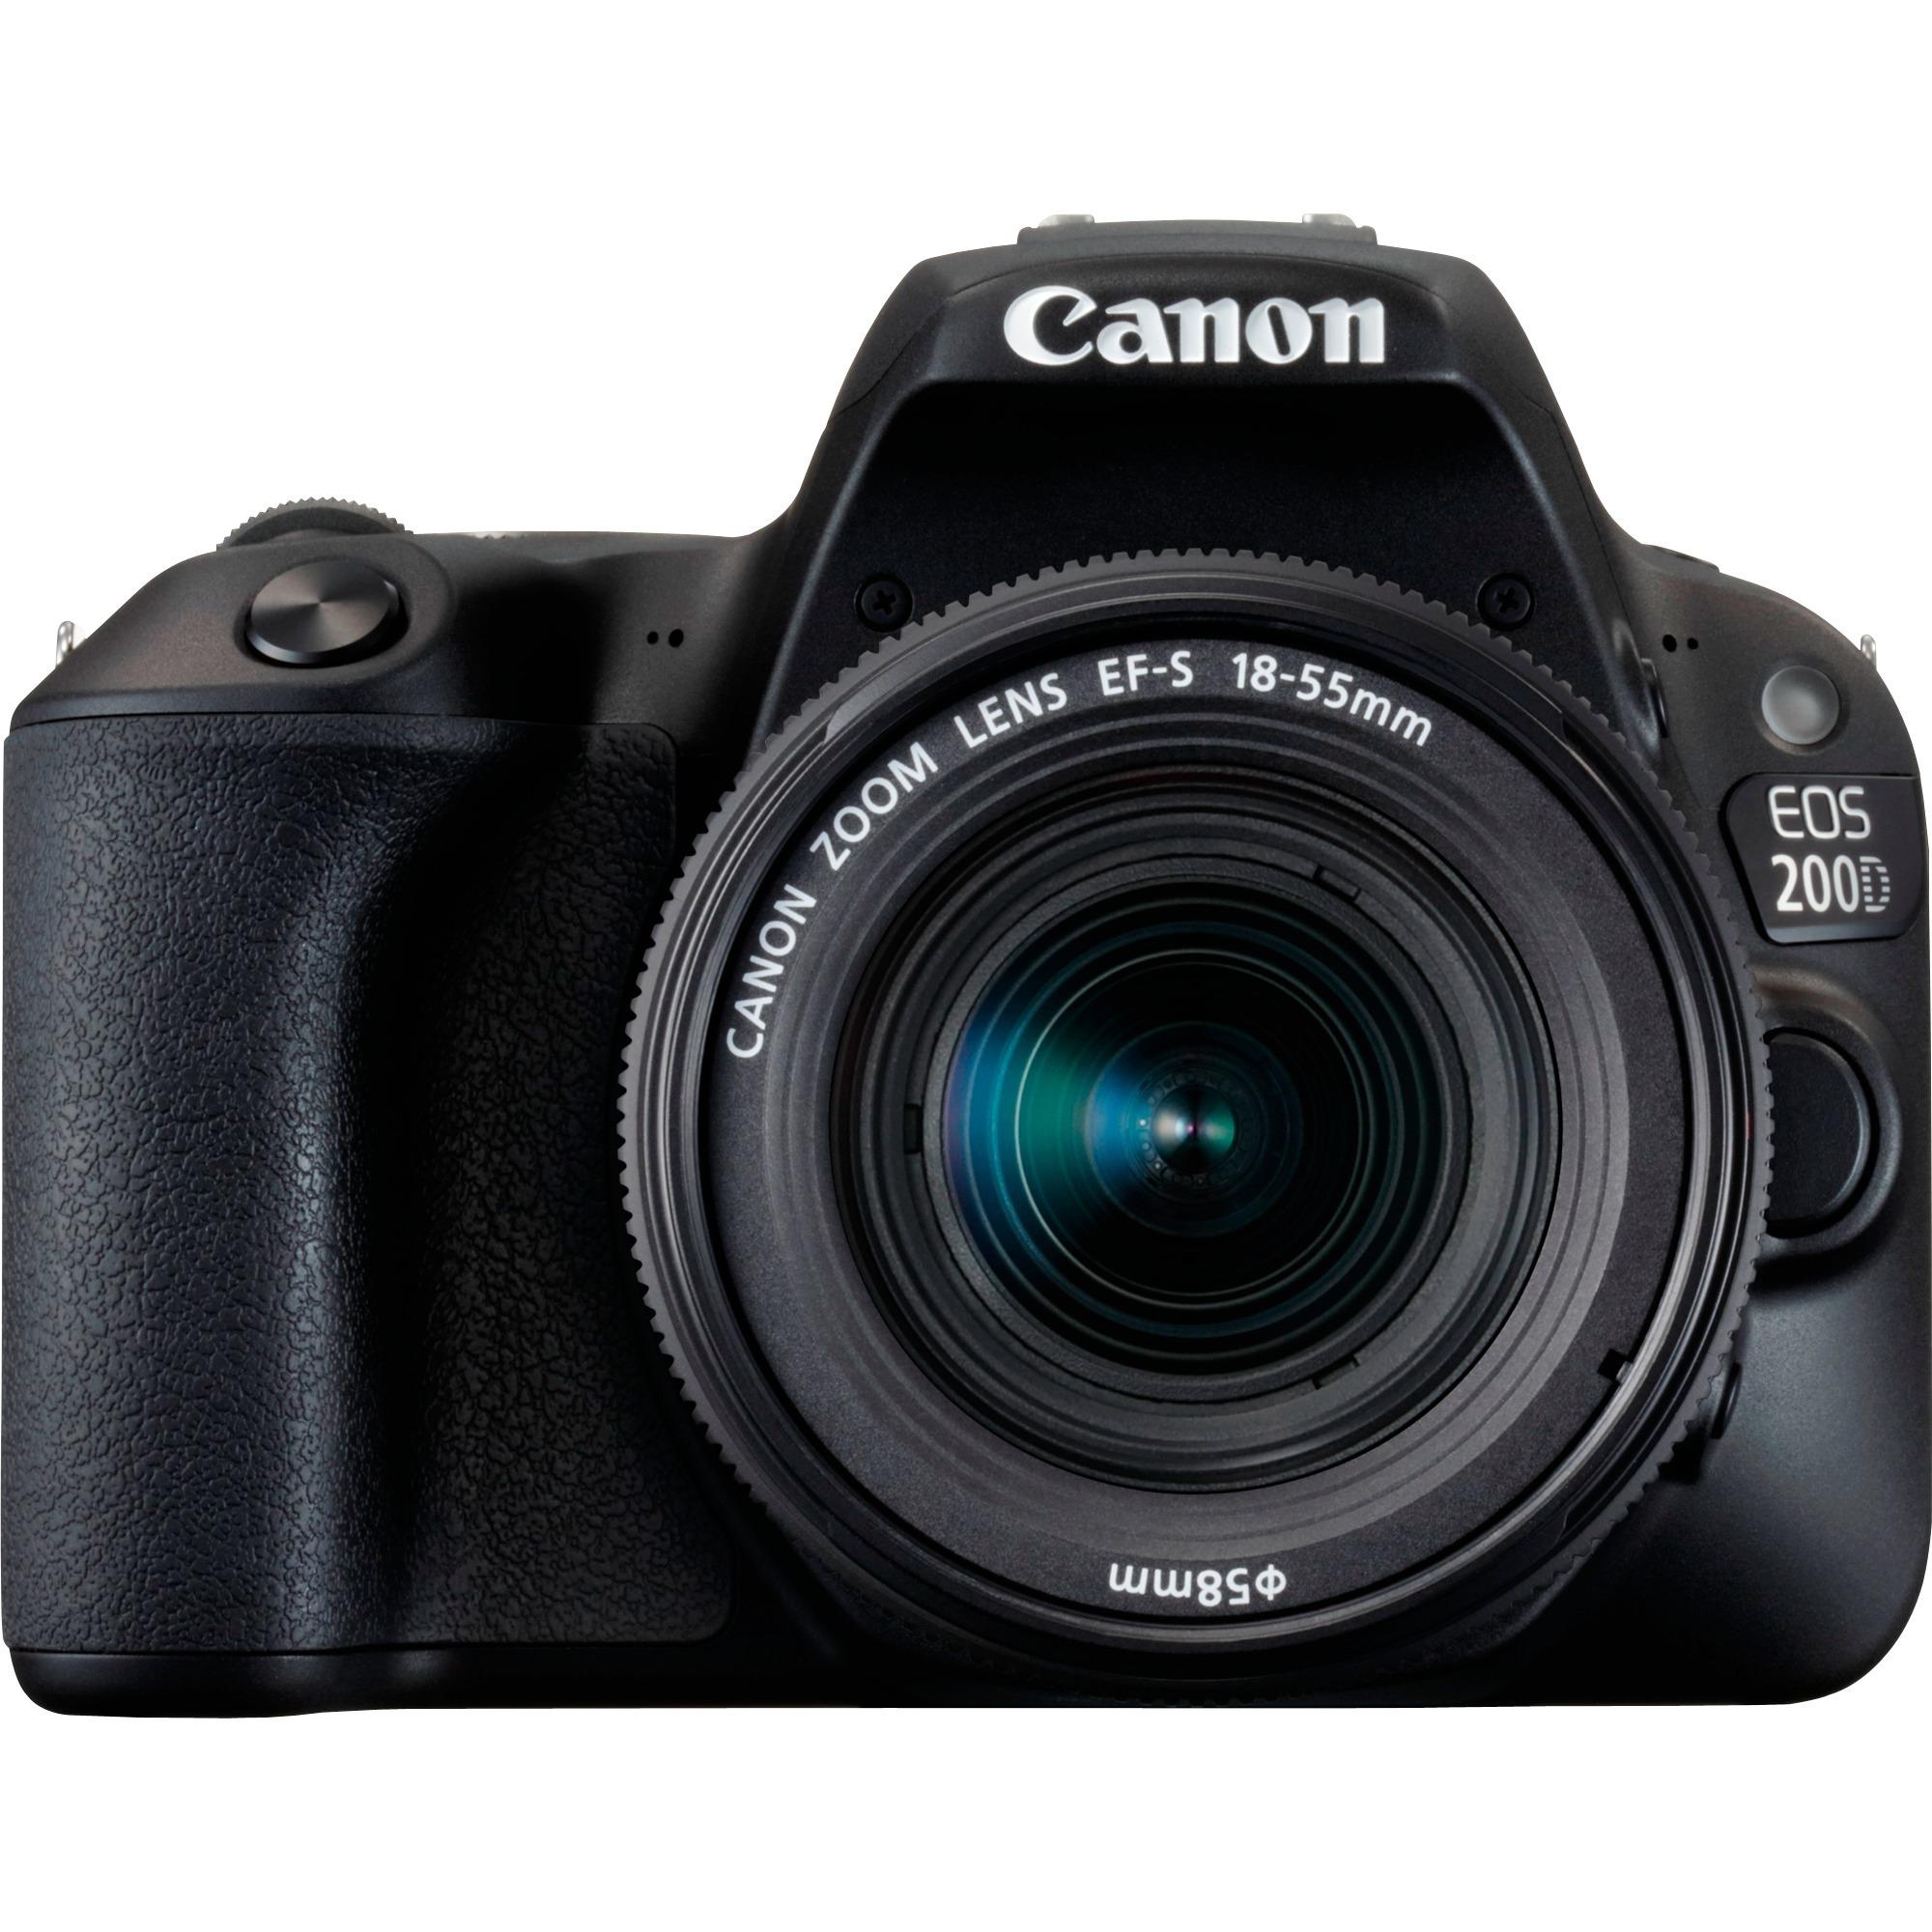 EOS 200D + EF-S 18-55mm f/3.5-5.6 III Kit d'appareil-photo SLR 24.2MP CMOS 6000 x 4000pixels Noir, Appareil photo numérique